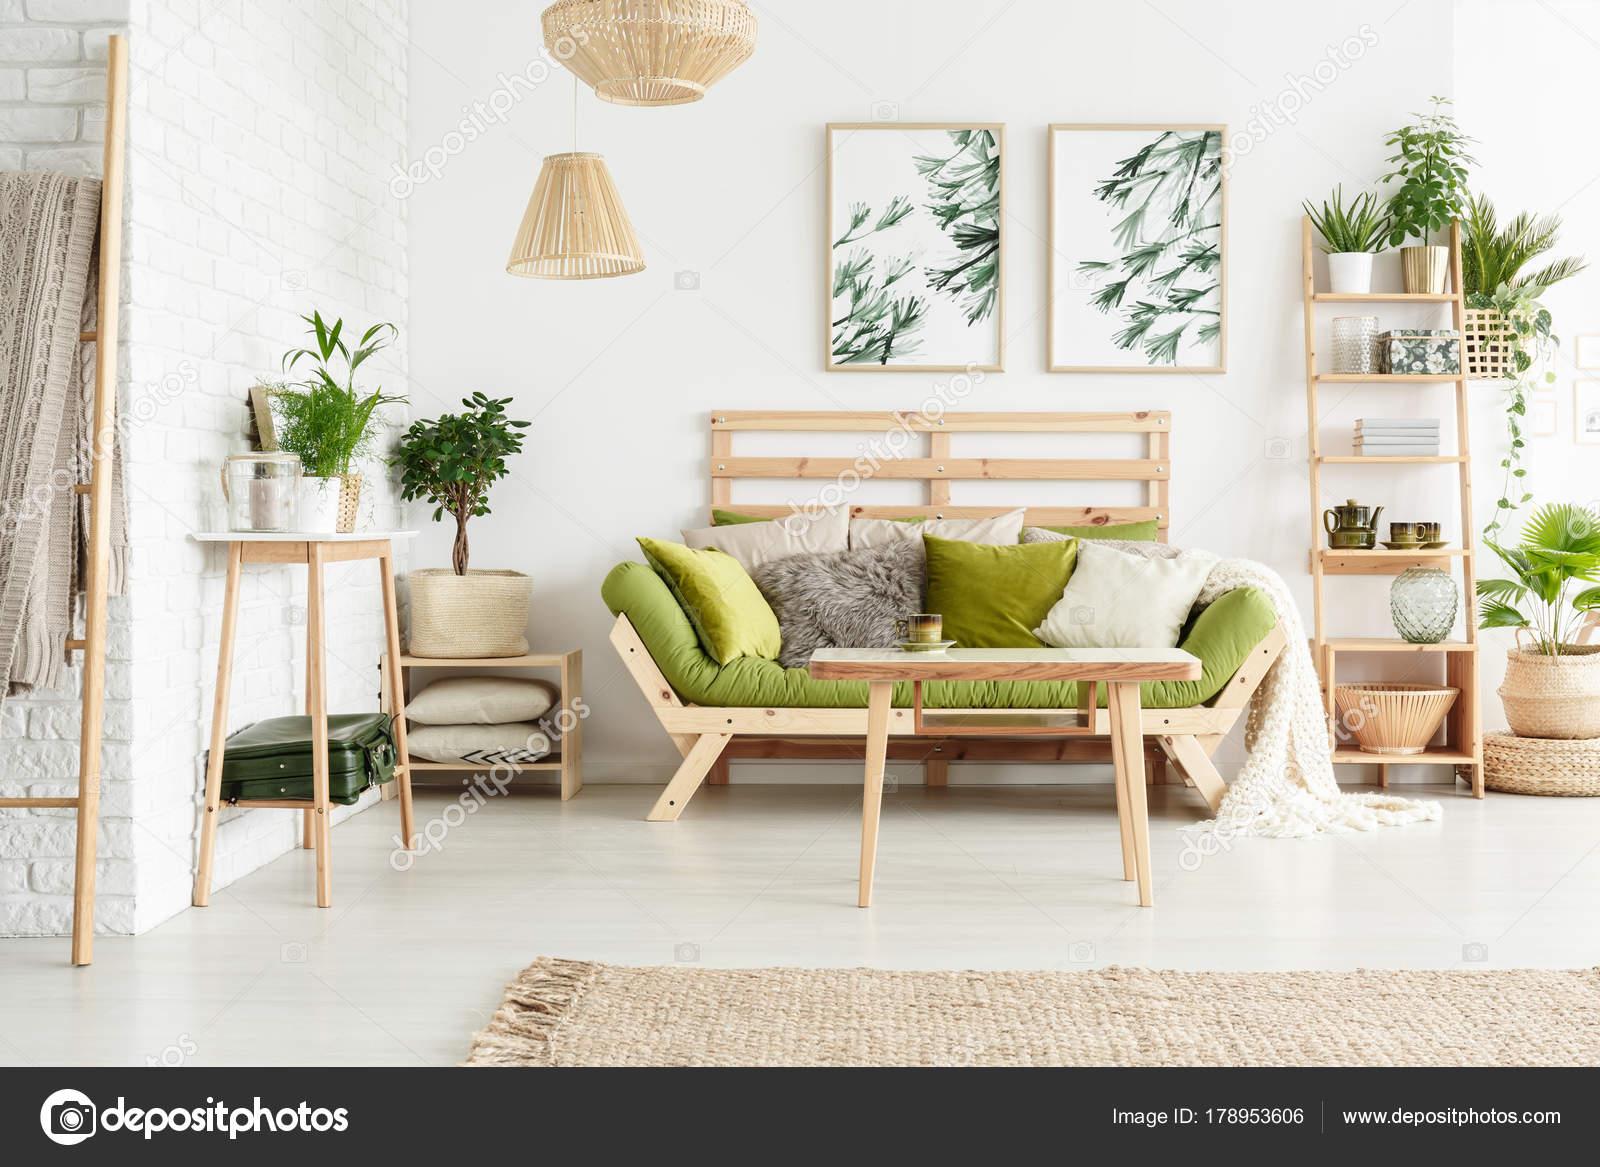 Faszinierend Sofa Wohnzimmer Sammlung Von Floral Mit — Stockfoto